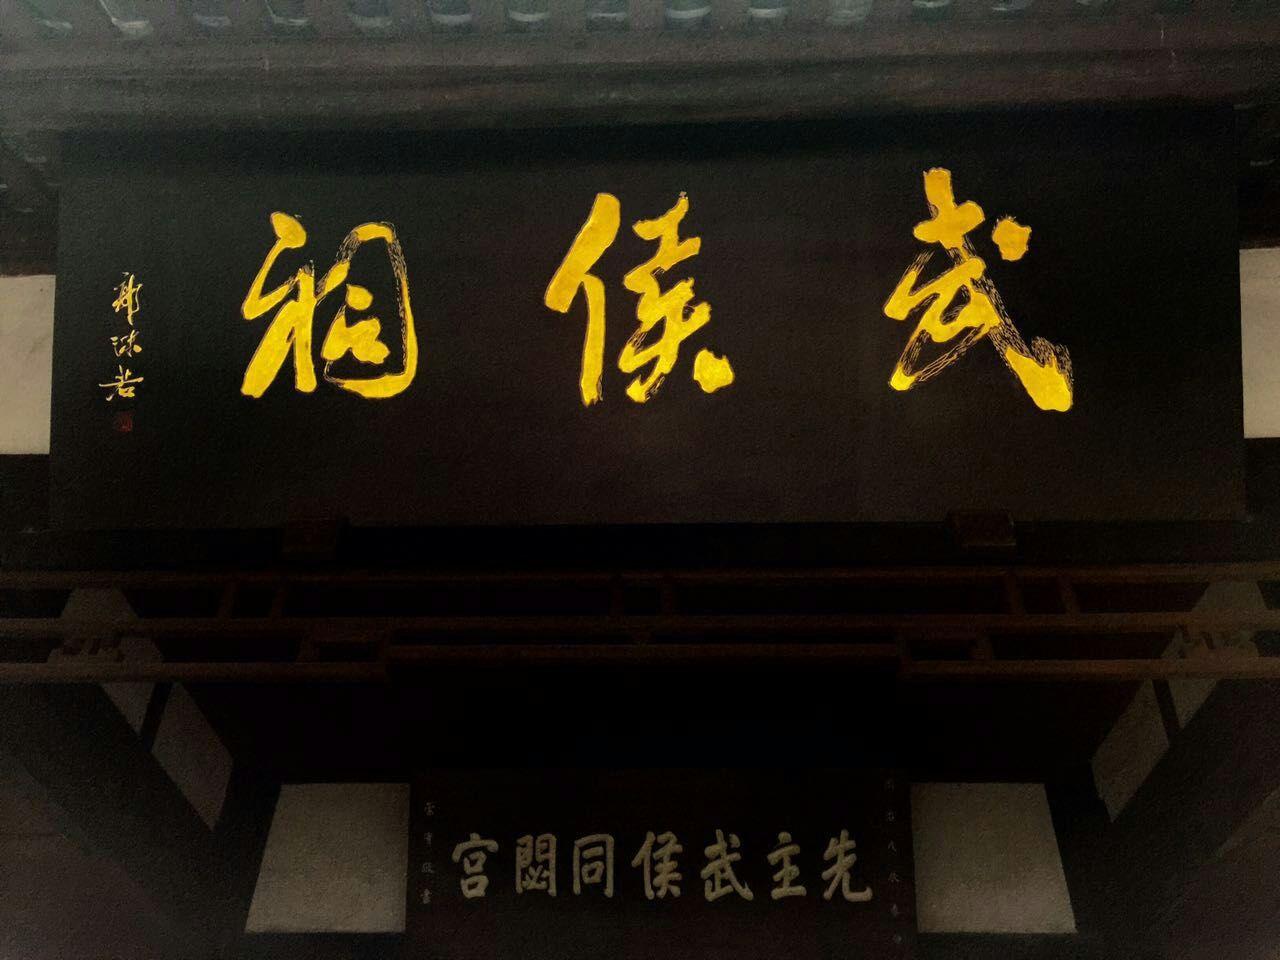 【晓谁游成都】天府之城自由行4天3晚悠闲全攻略秋叶原自由行攻略图片